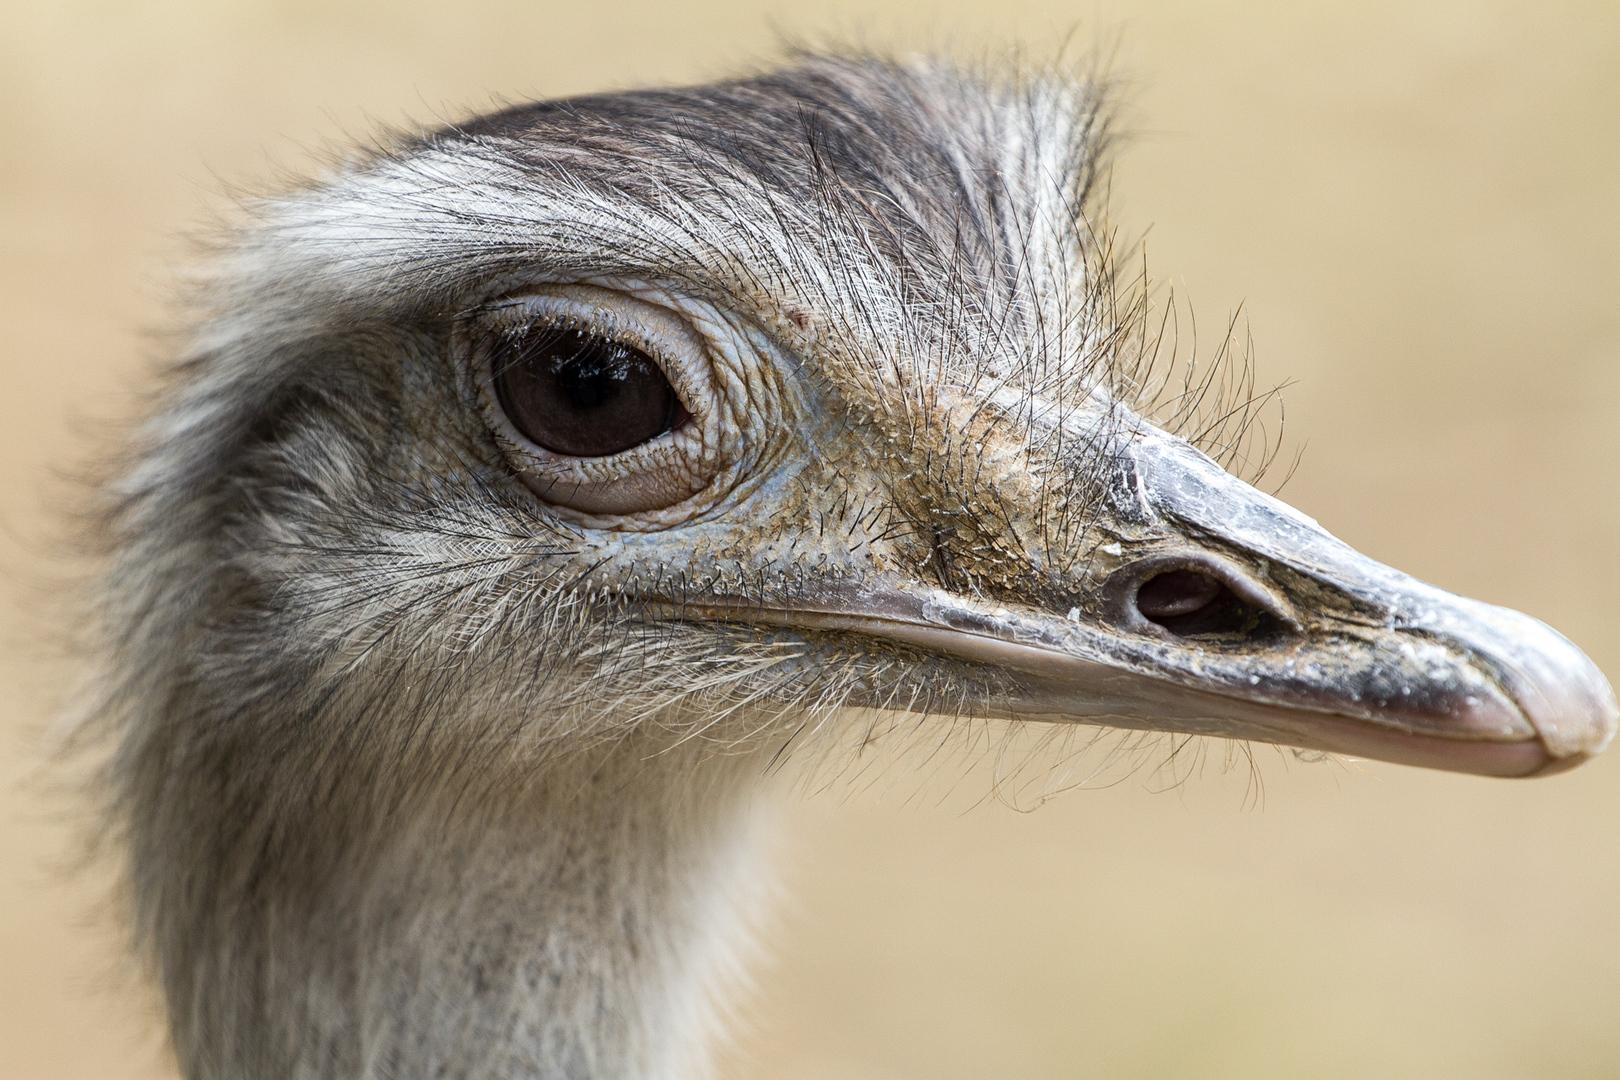 Afrikanischer Strauß (Struthio camelus)